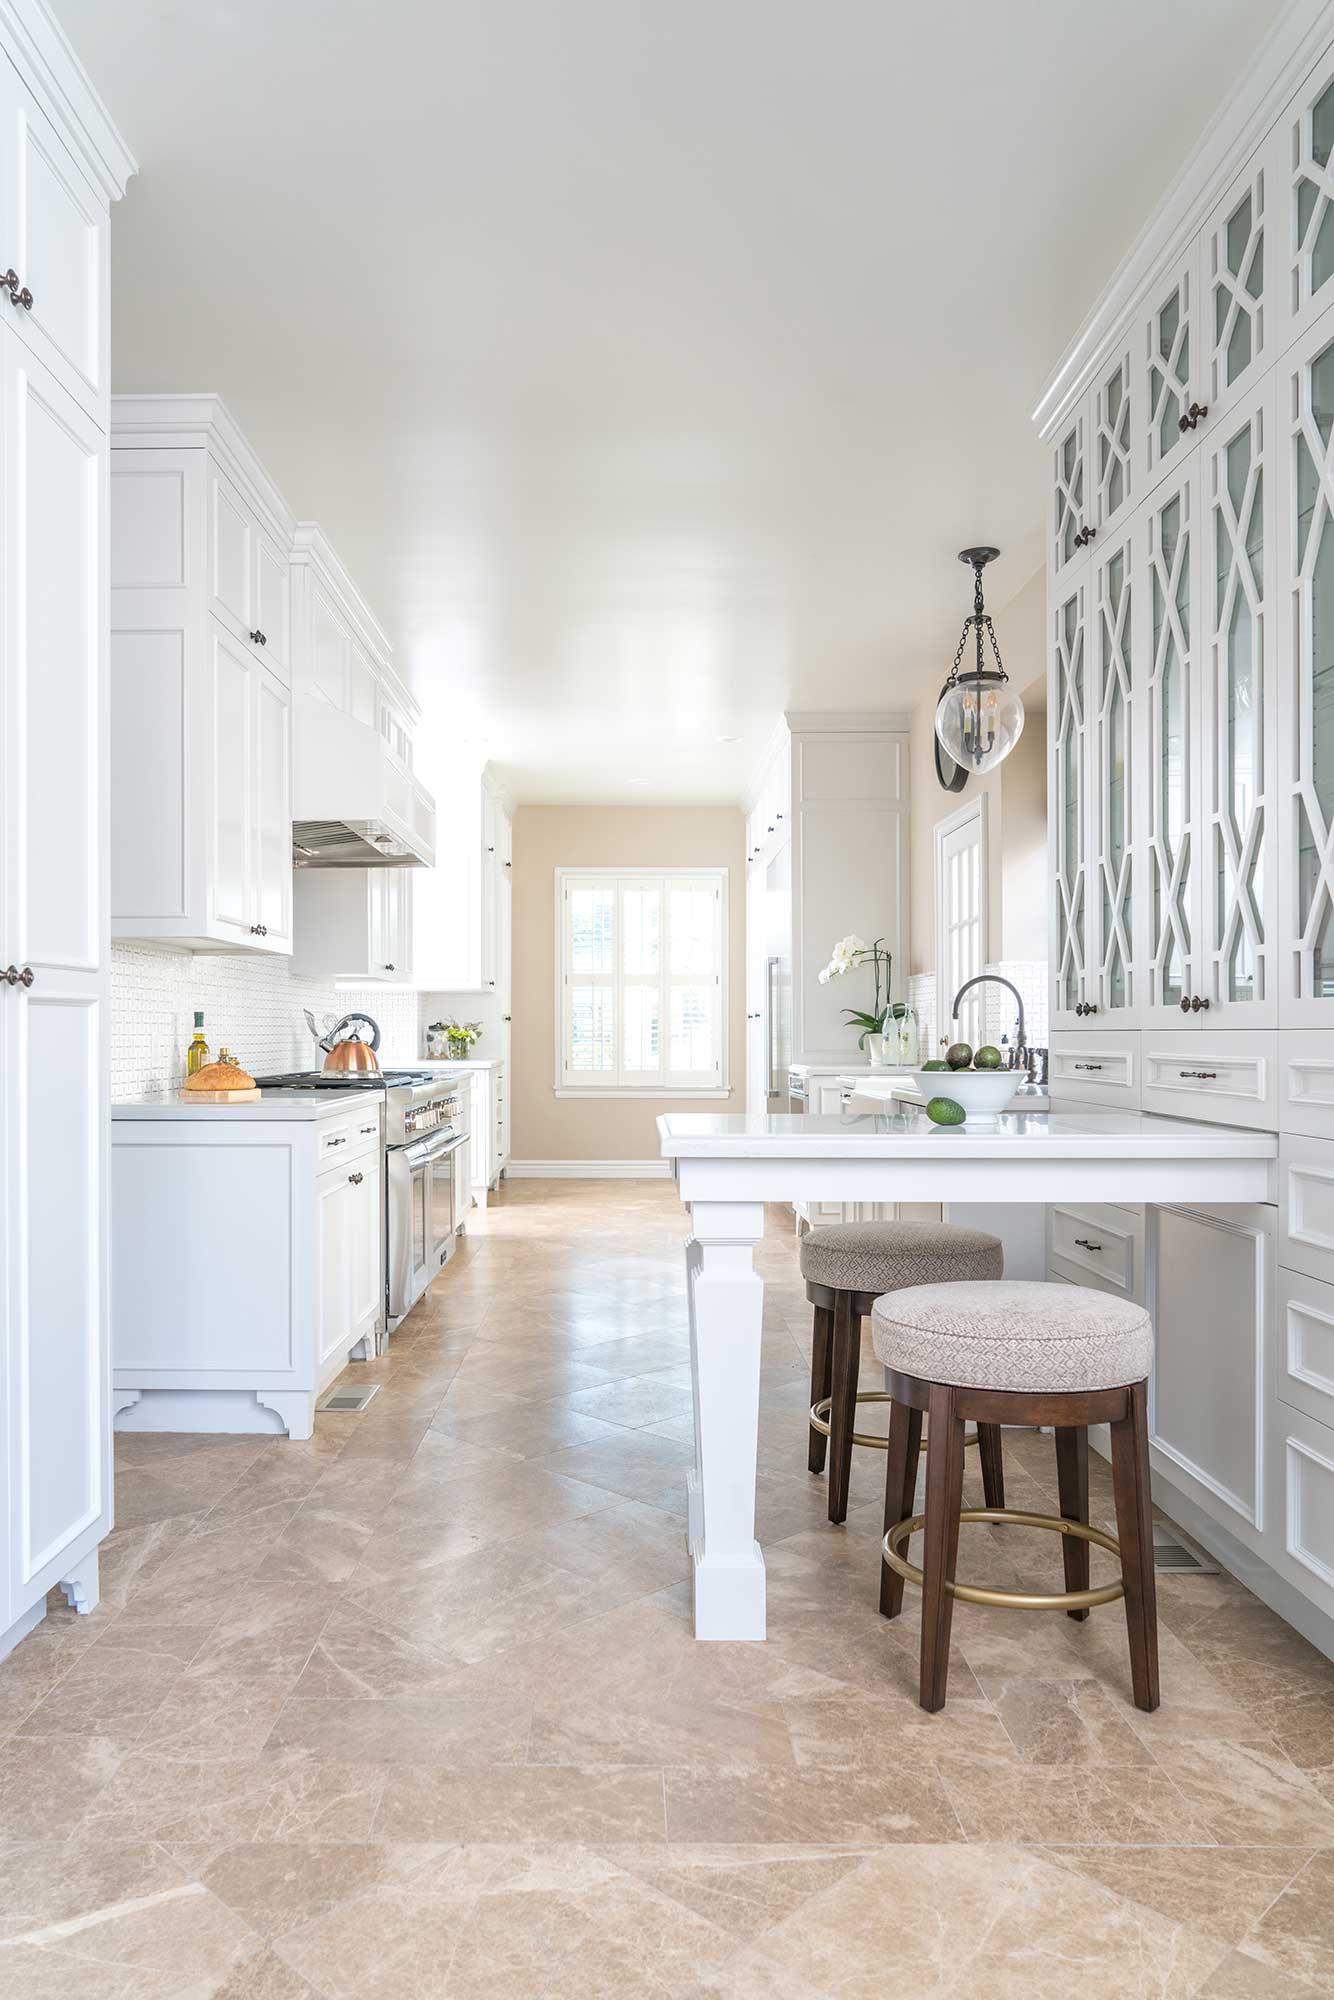 Burbank Kitchen Remodel - Peltier Interiors